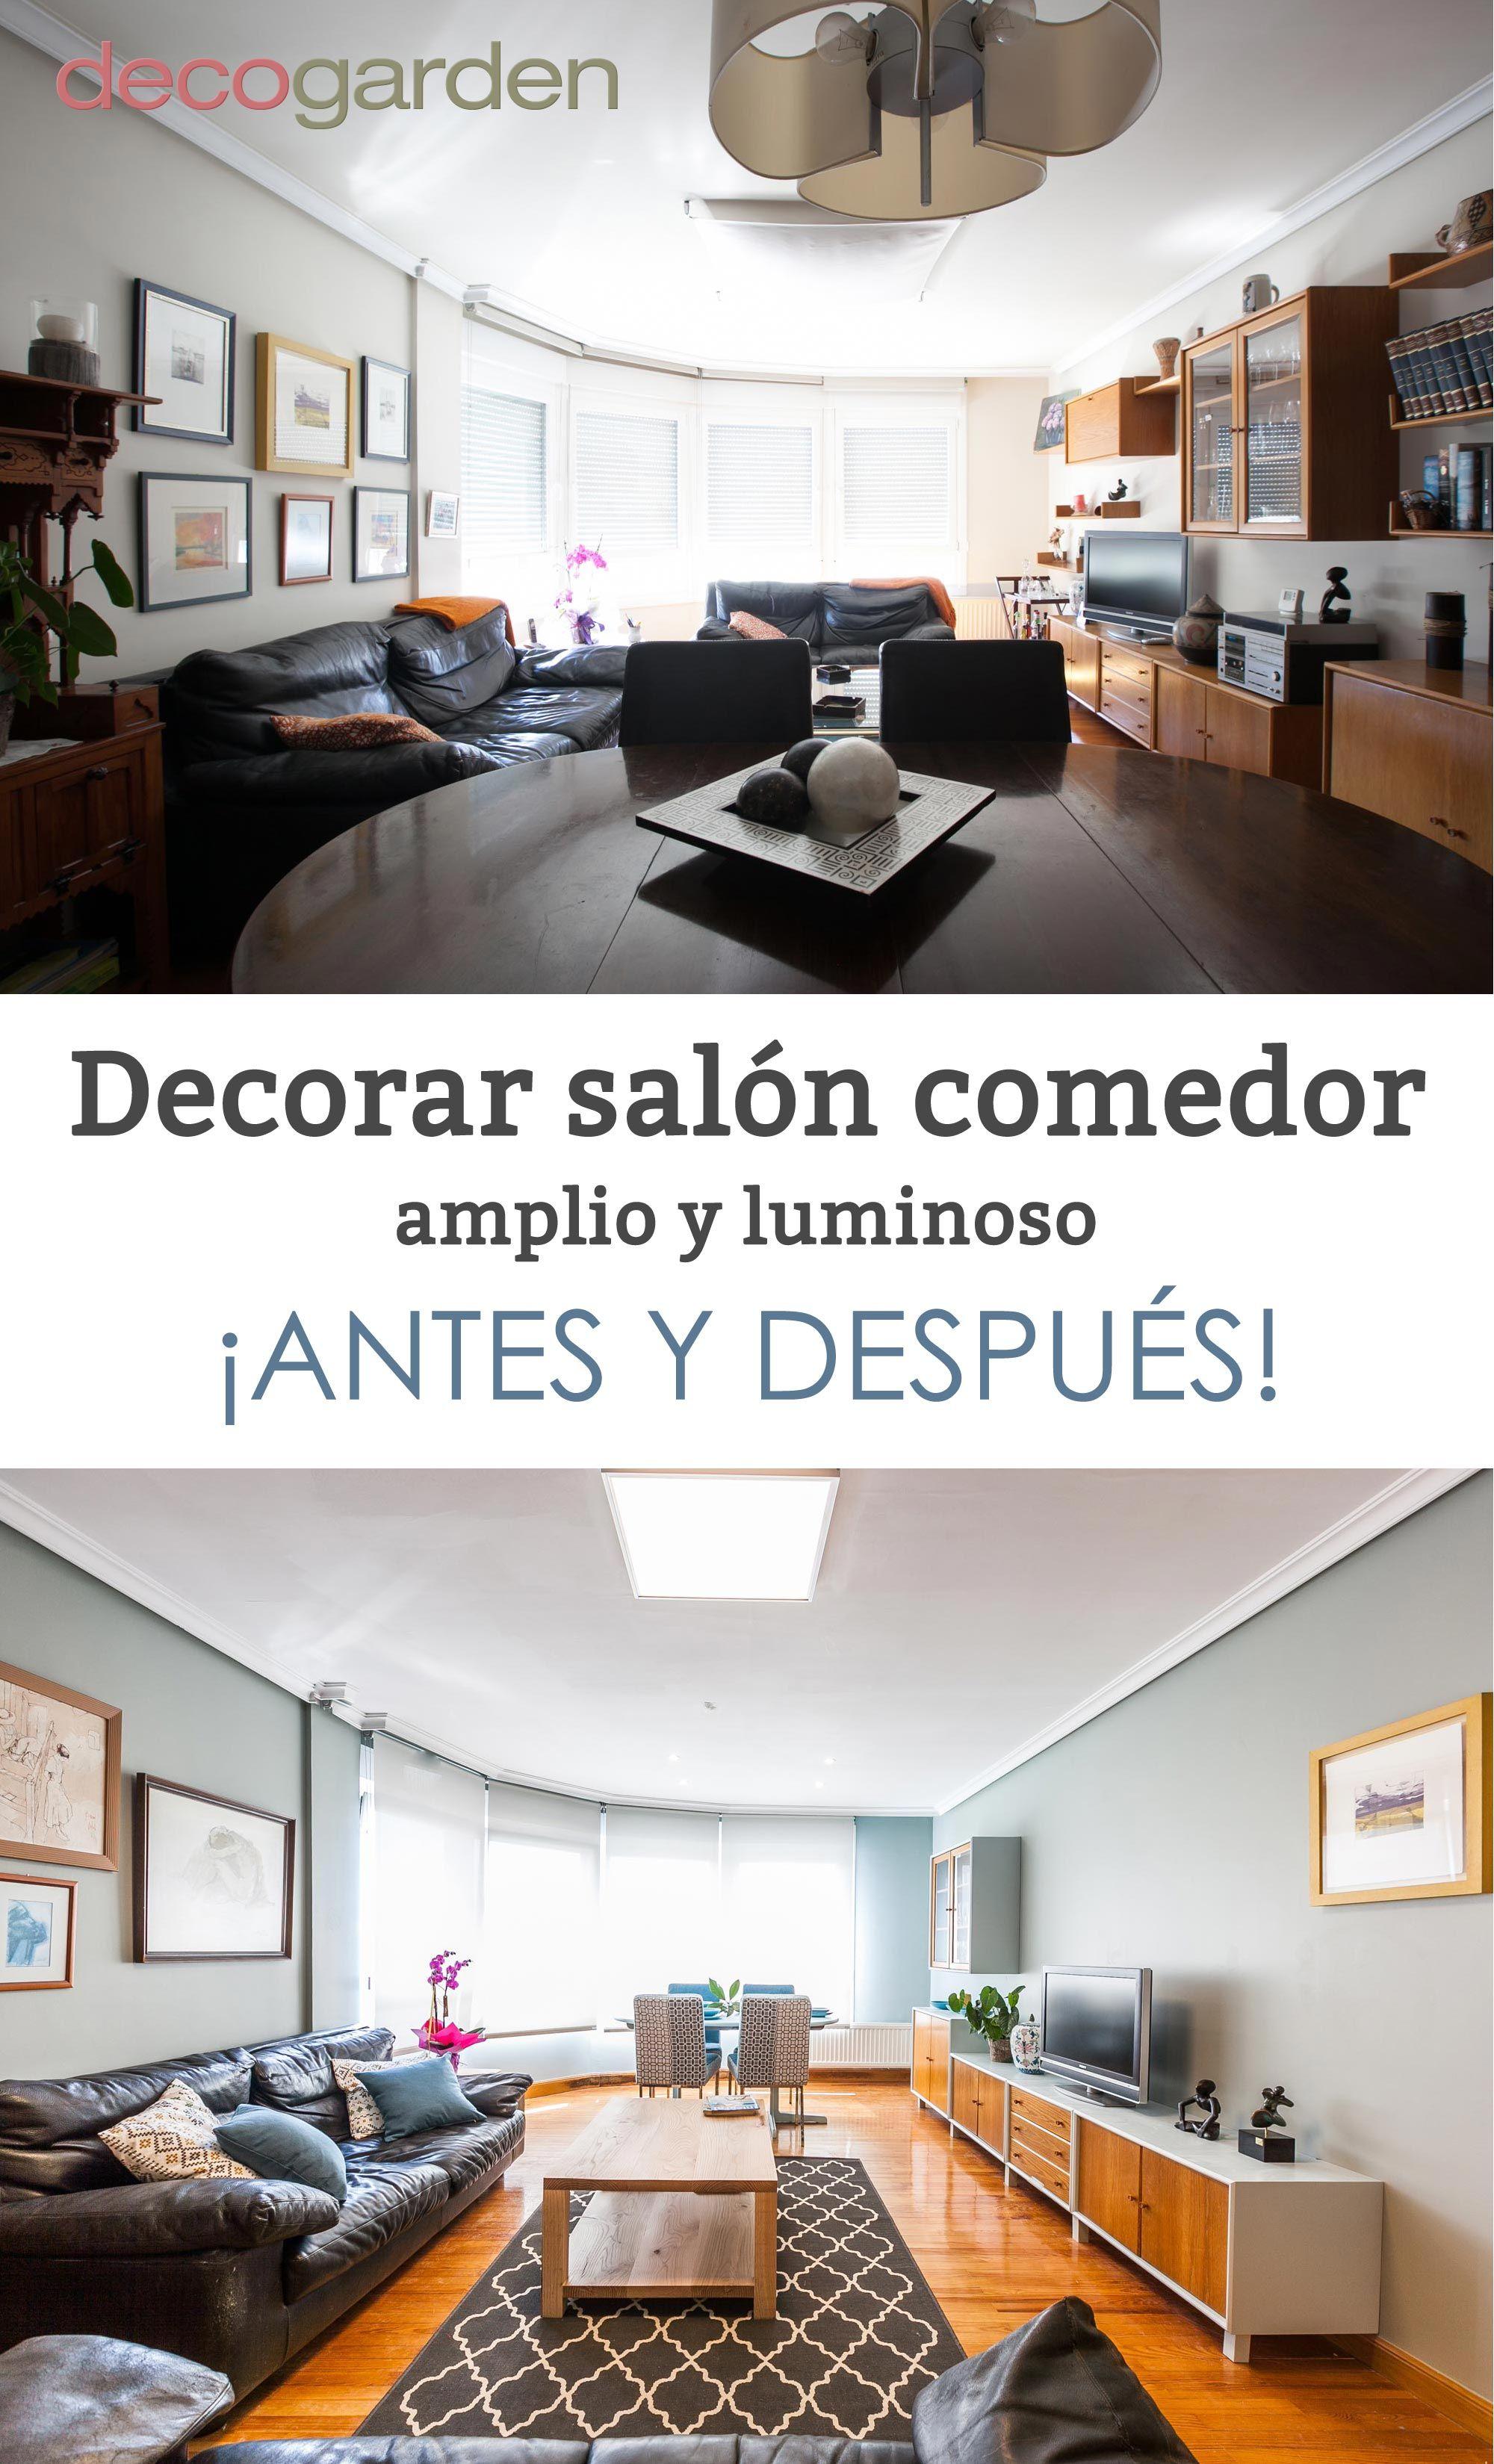 Decorar un salón comedor amplio y luminoso #decoración #decogarden #salon #comedor